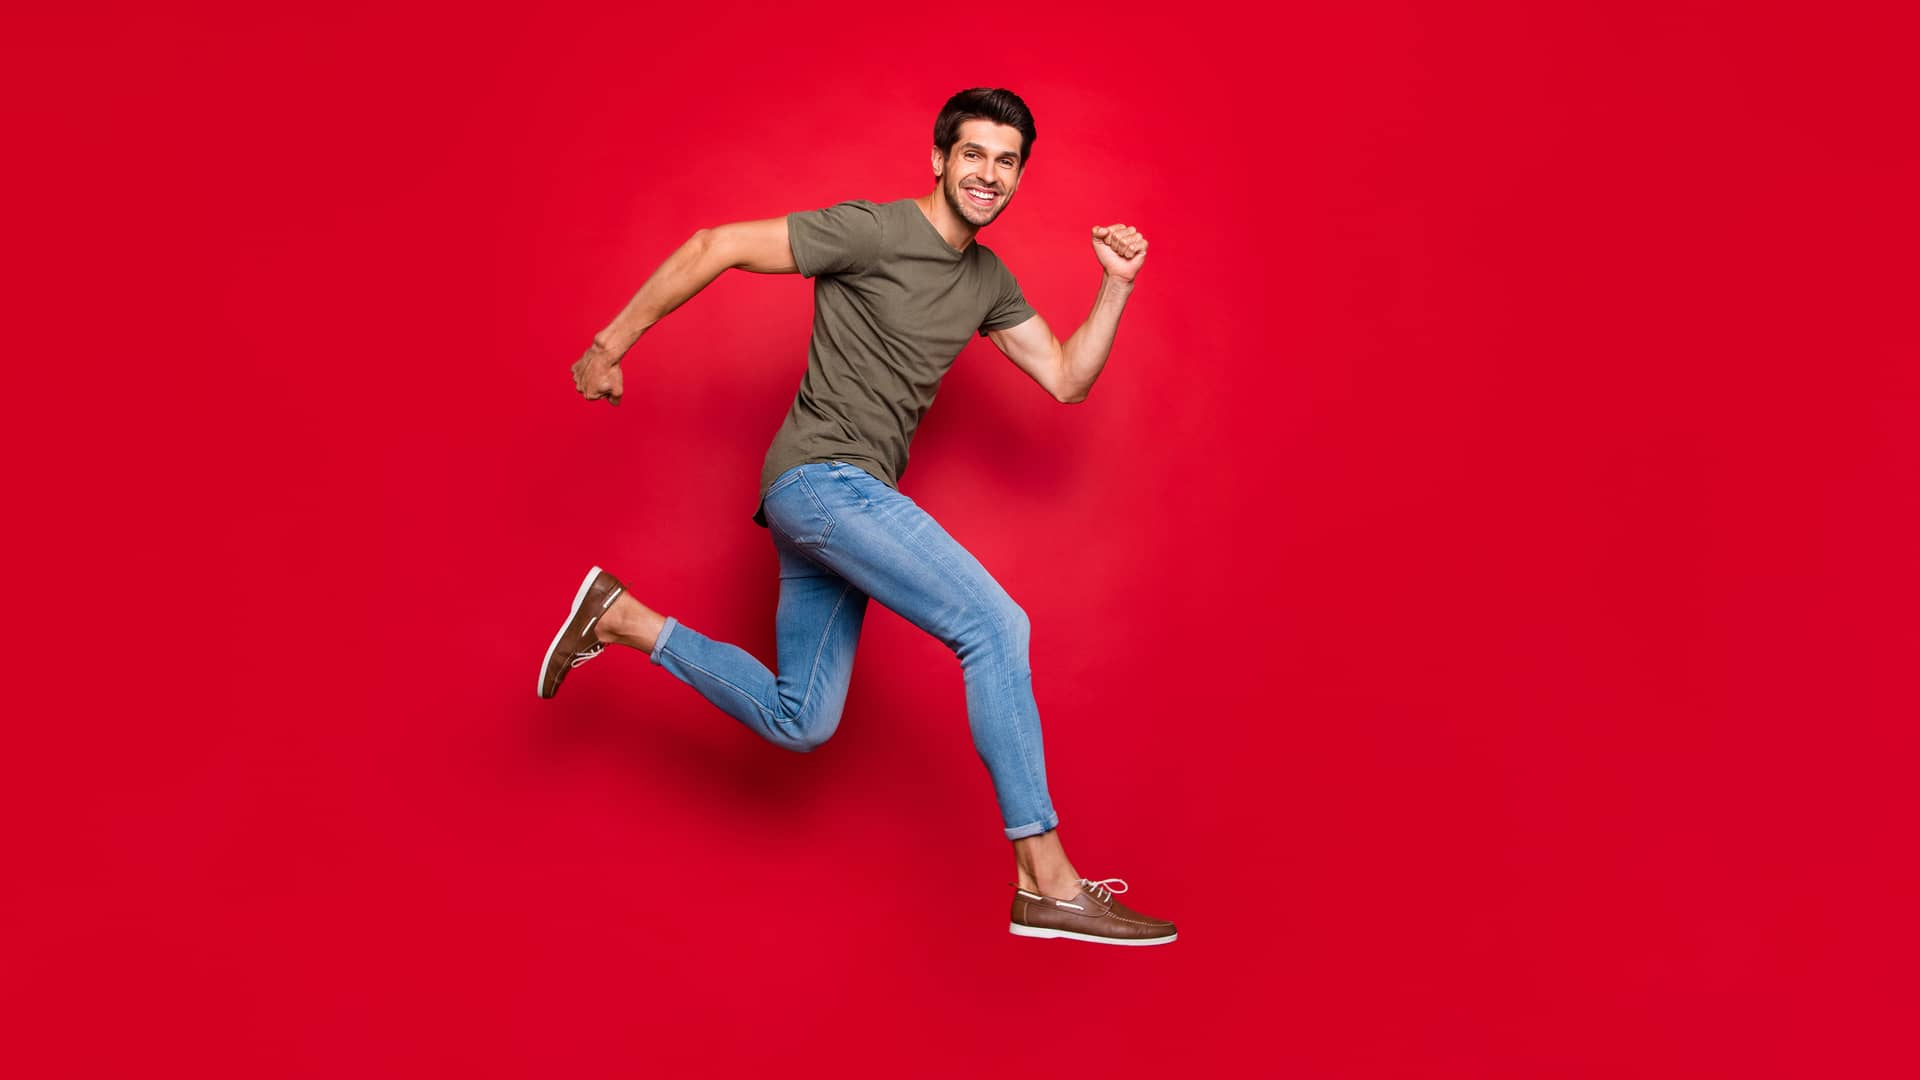 Hombre sonriente saltando representa portabilidad de pepephone